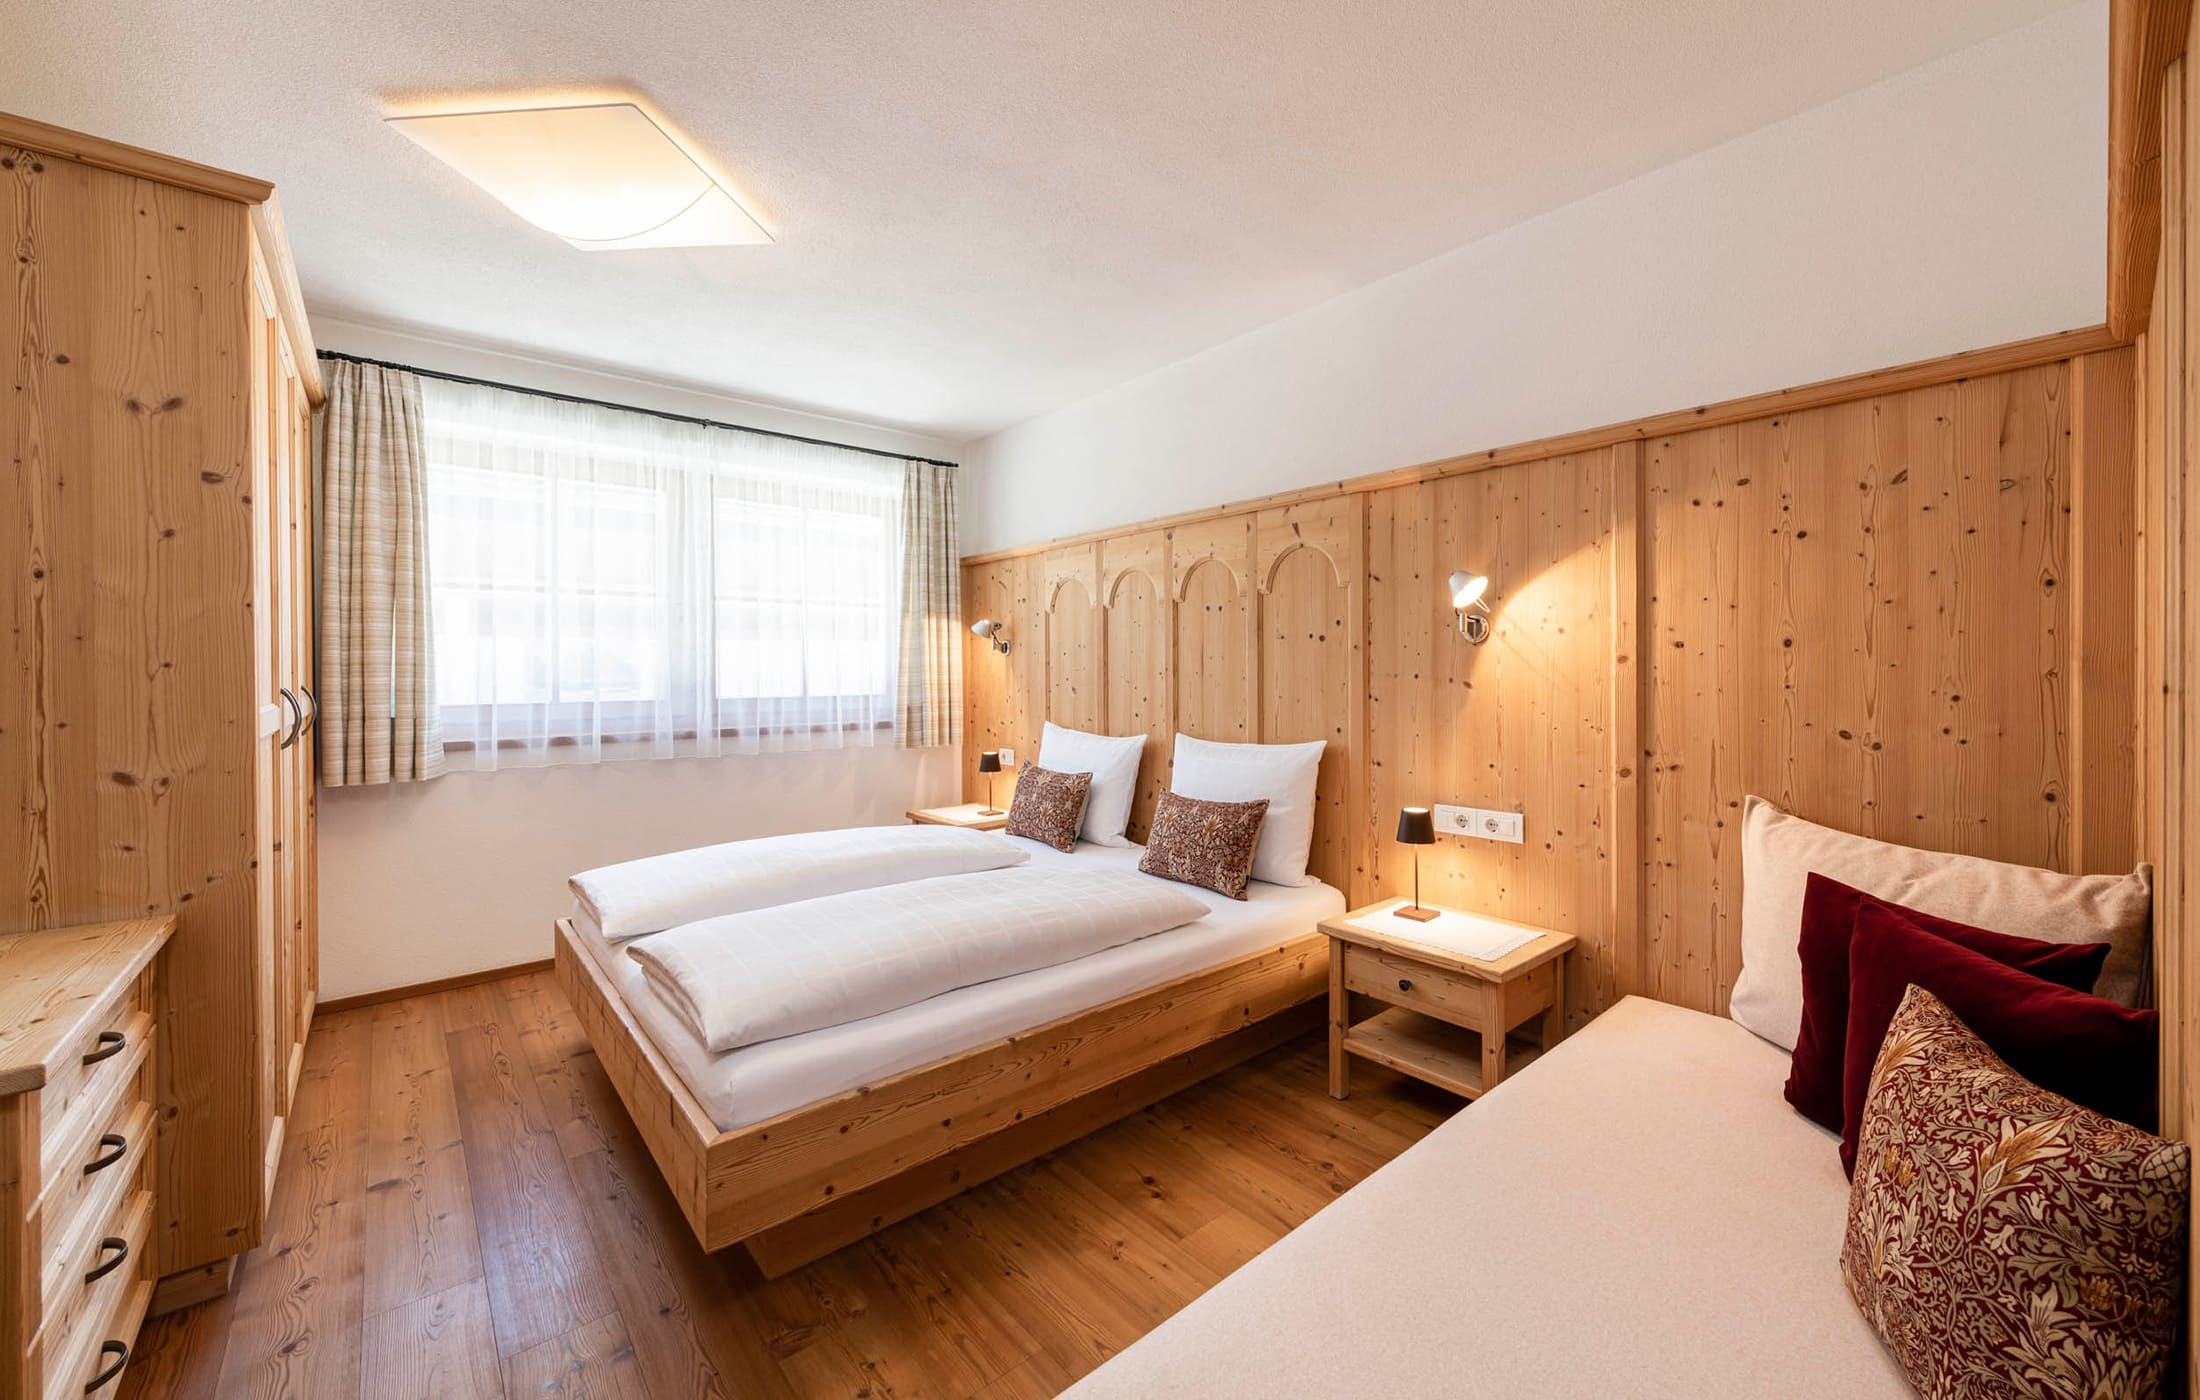 Christlrumerhof Ferienwohnung Schlafzimmer Fichte